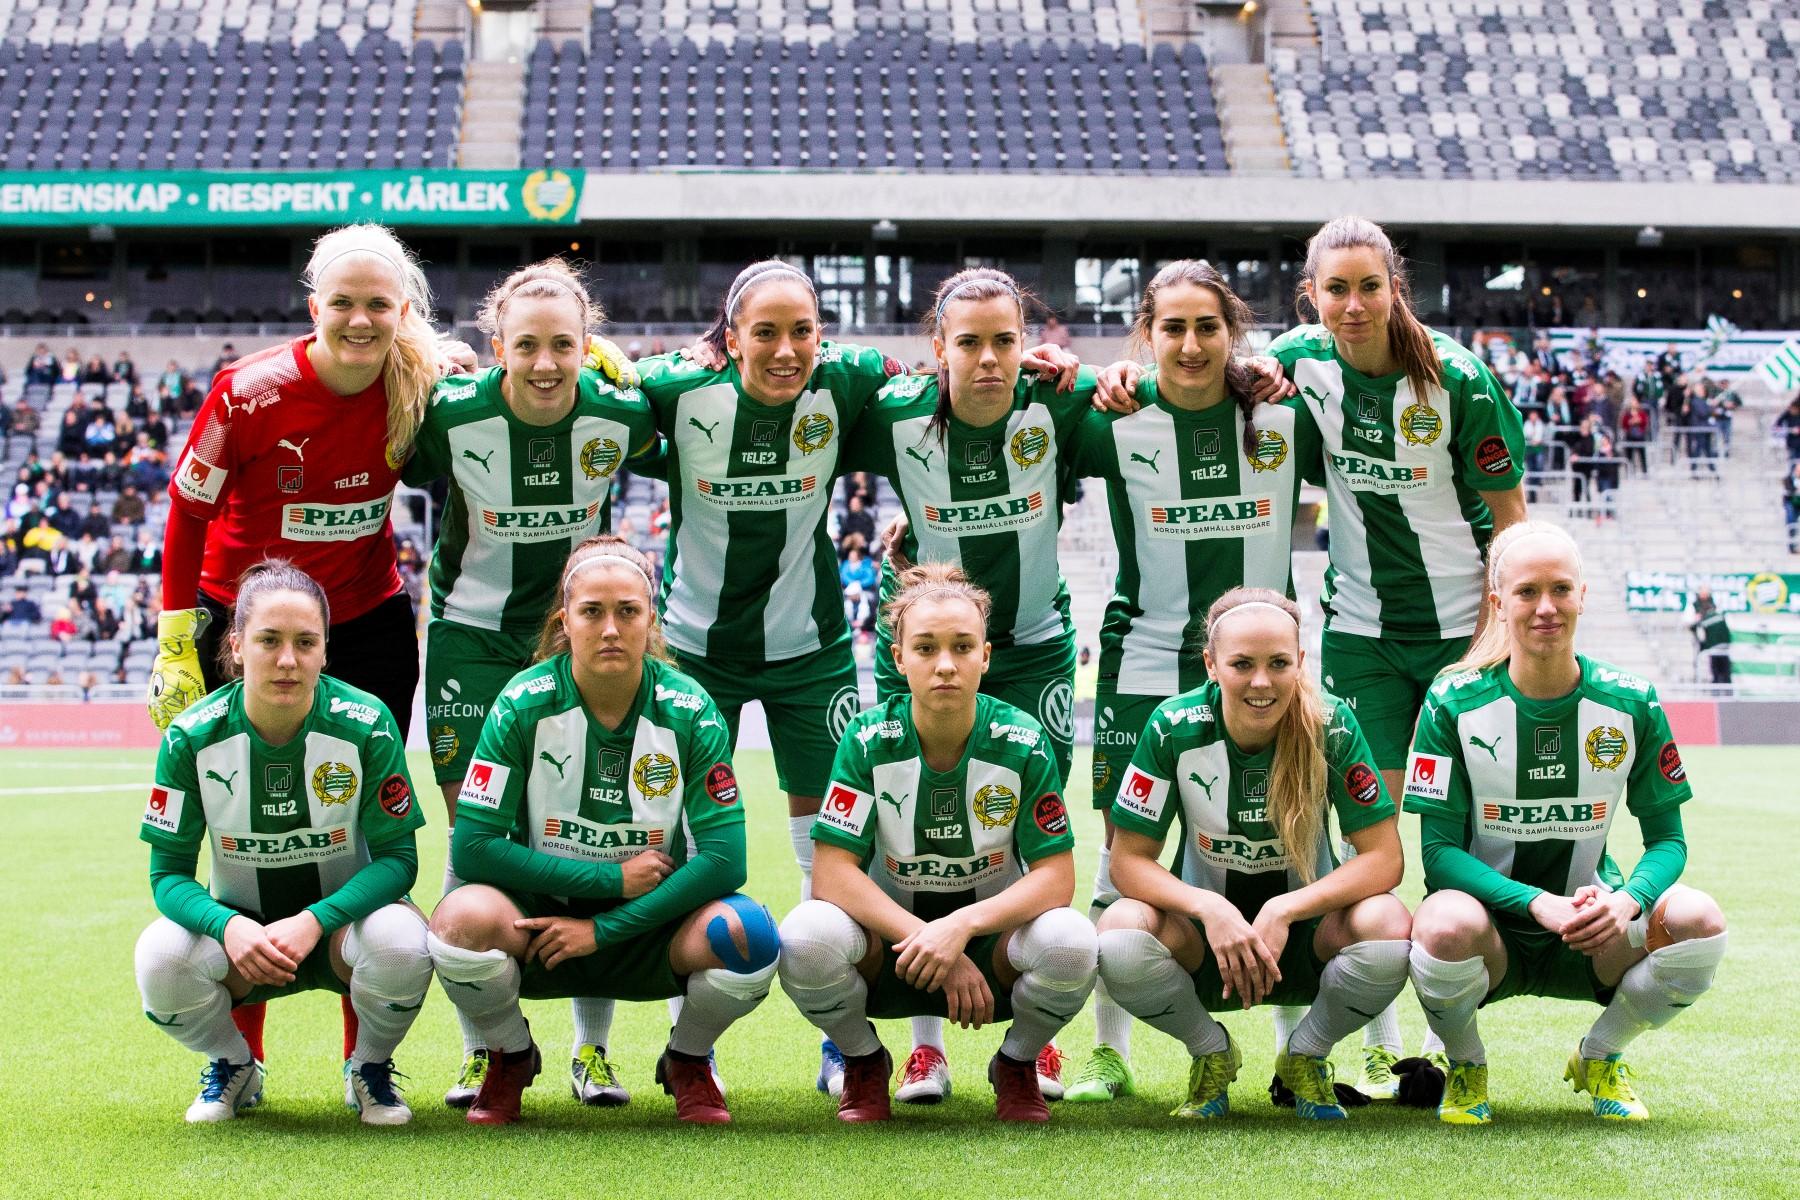 22 april, HIF-Linköping 1-3 LFC skulle försvara sitt SM-guld från fjolåret, och i Bajens hemmapremiär på Tele2 Arena fick 683 se gästerna gå till pausledning, dock bara med ett mål trots 11-2 i avslut. Strax efter paus gjorde Marija Banusic sitt andra mål, och strax därpå reducerade Zigiotti, men närmre kom inte HIF och ett självmål på kontring i 93:e avgjorde definitivt.